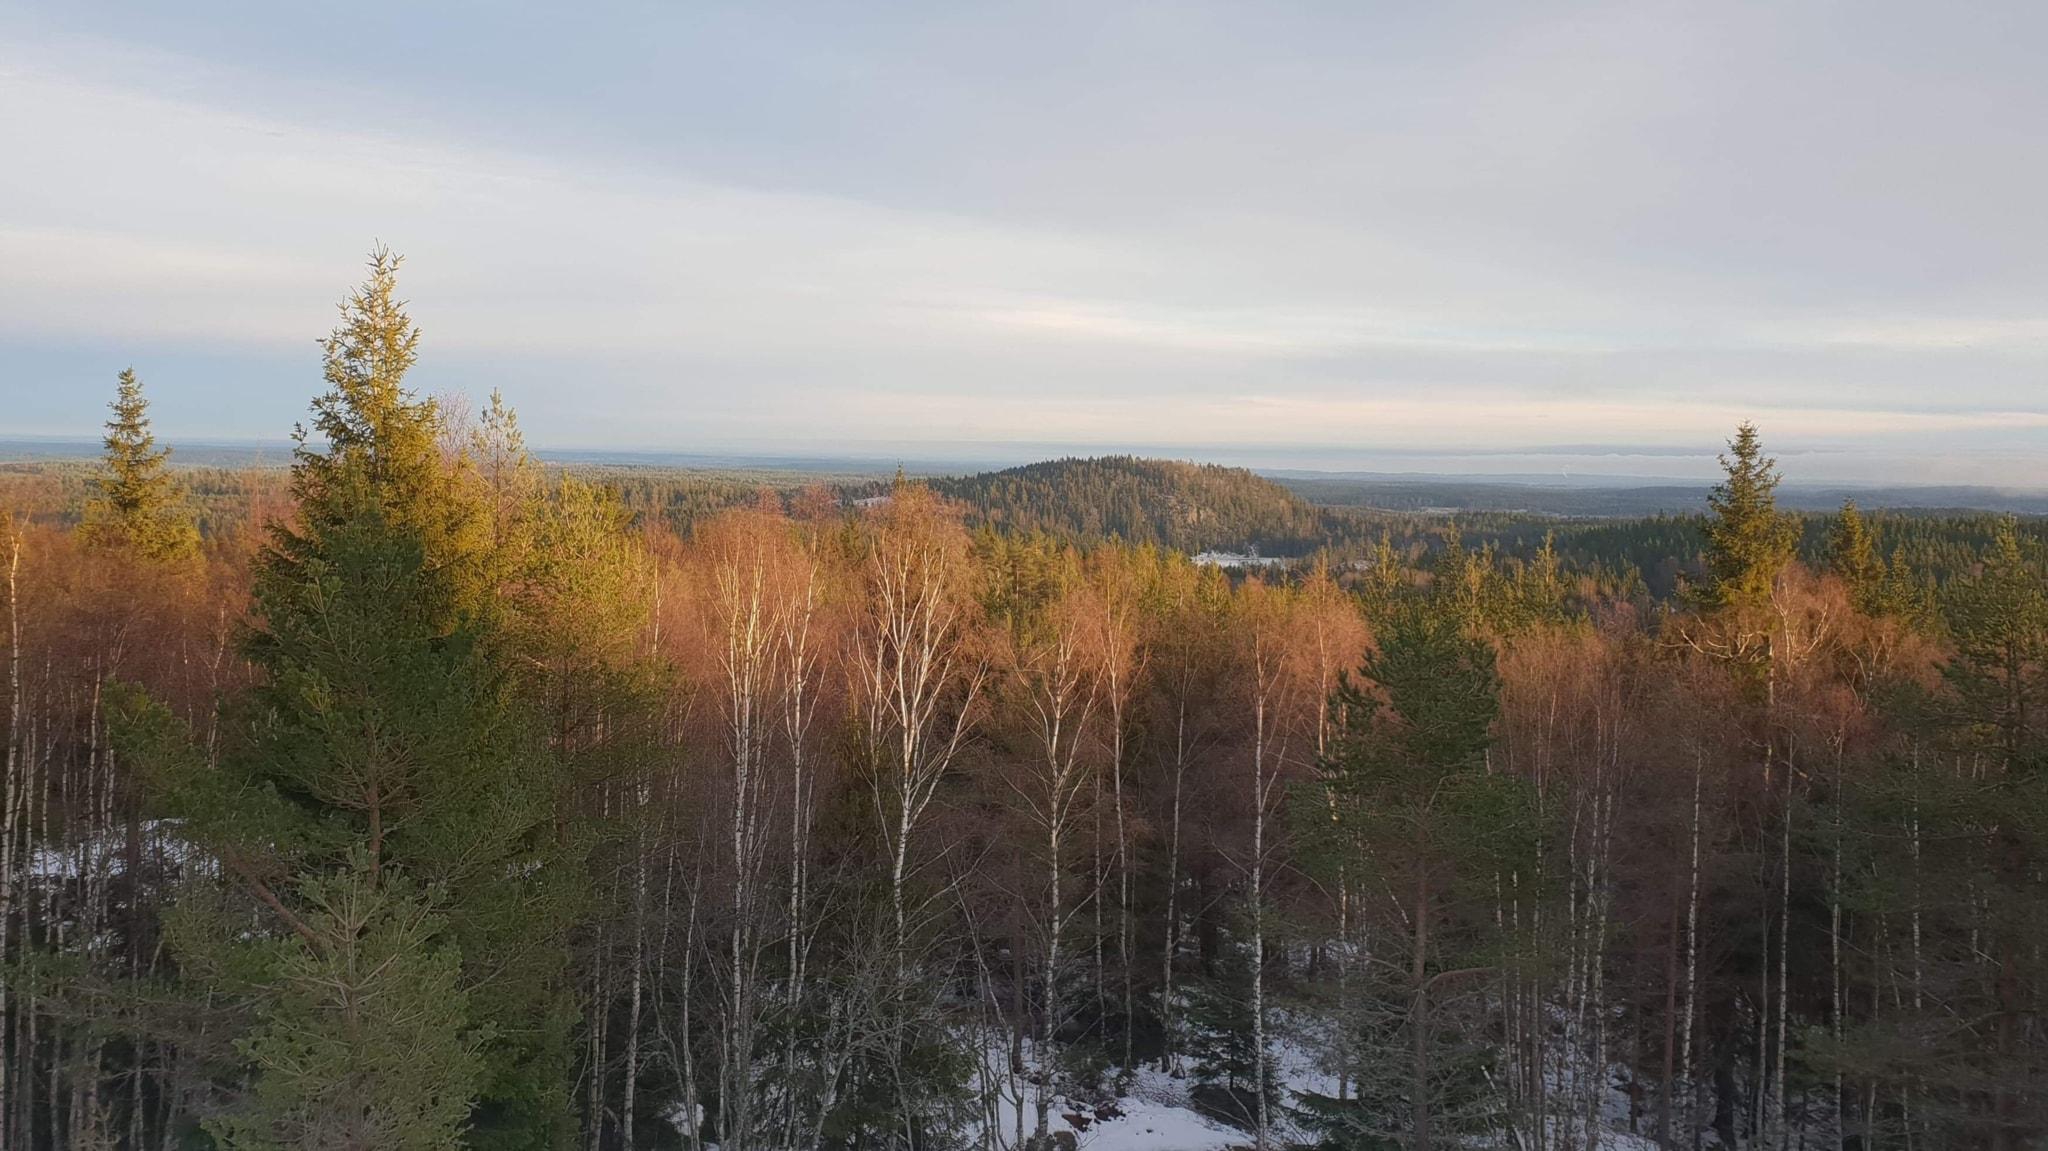 HYVÄÄ ALKANUTTA VUOTTA 2019!